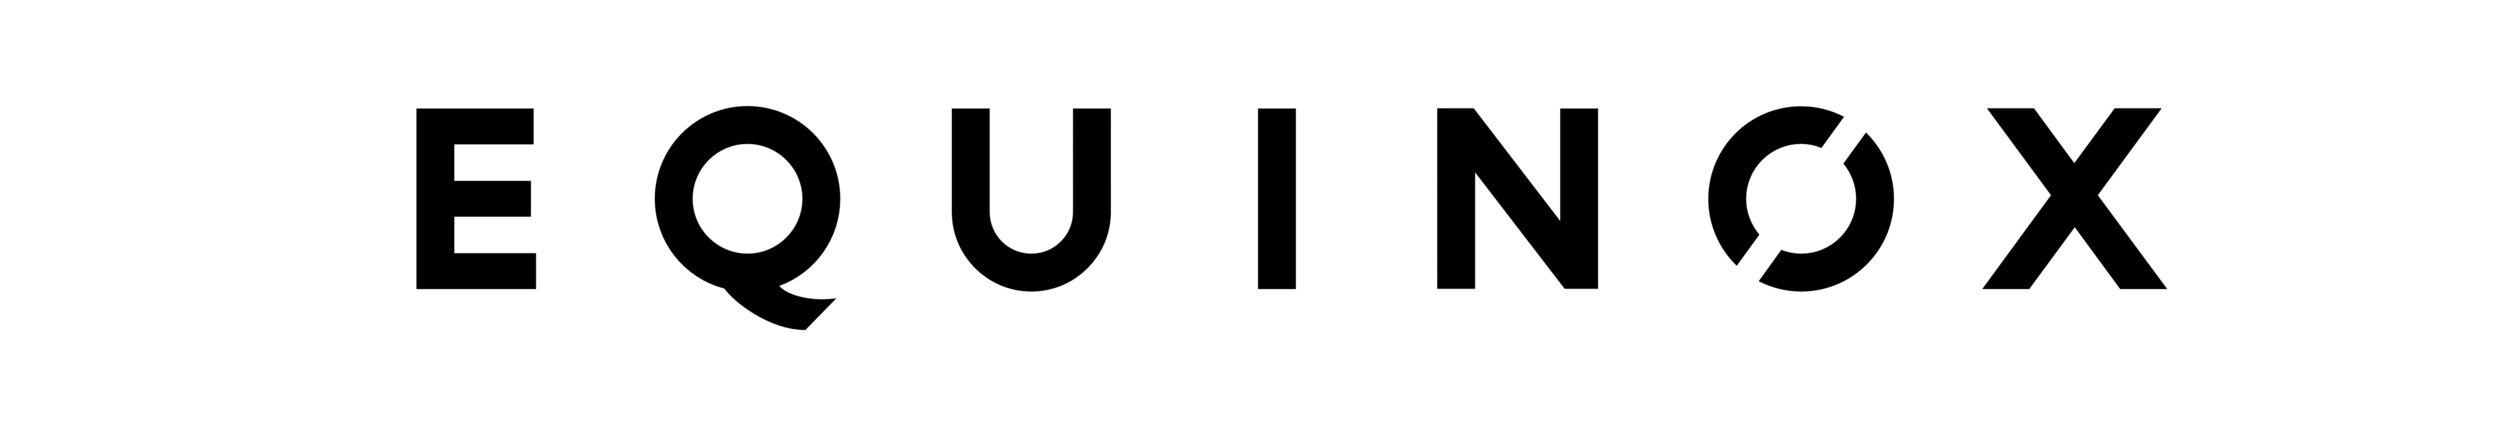 Equinox-logo2-1.jpg